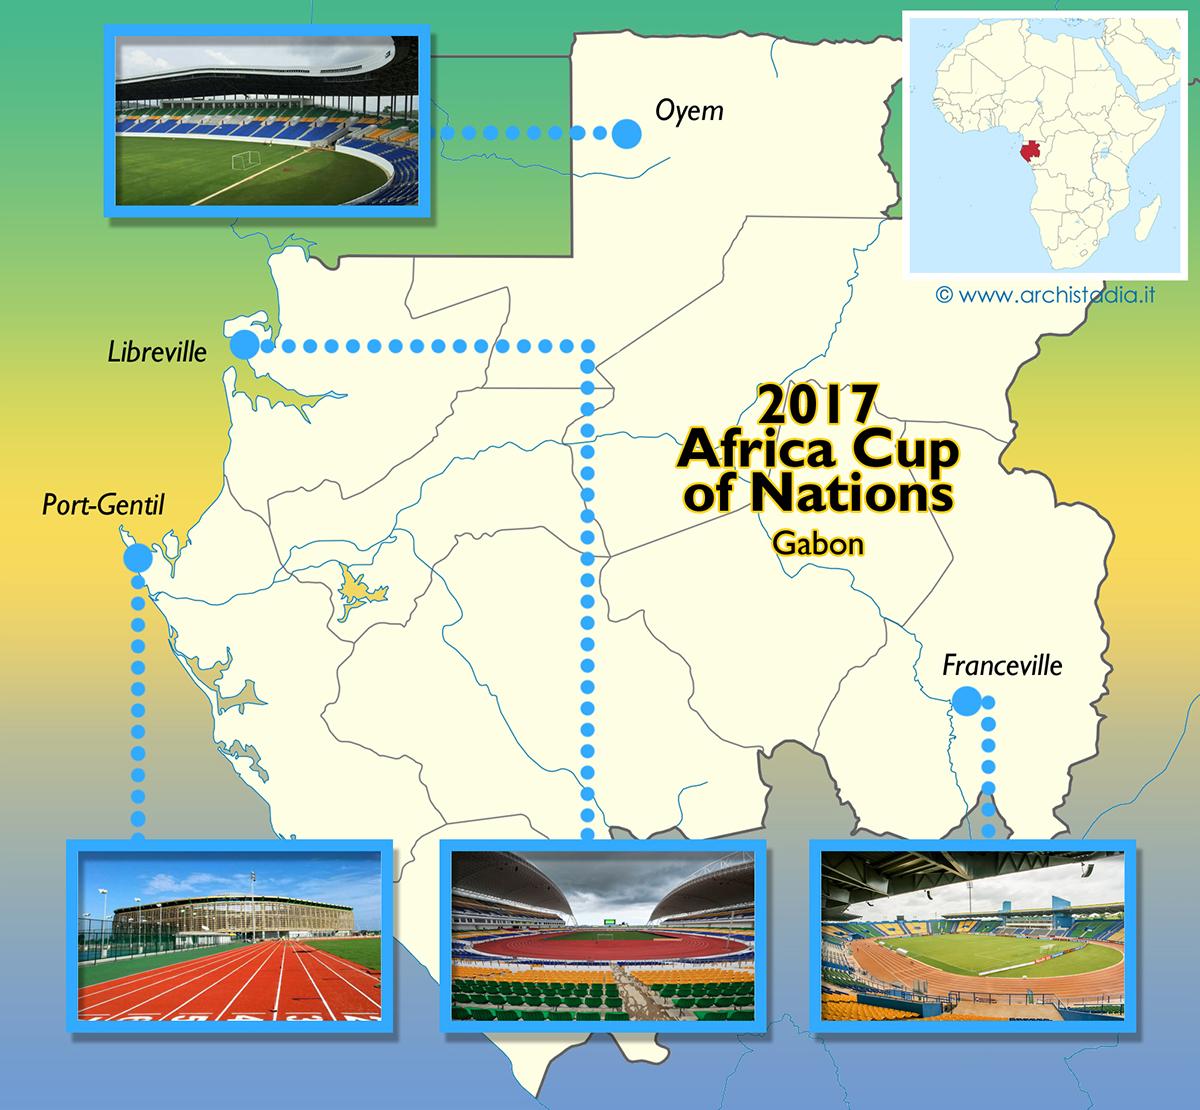 guida stadi coppa d'africa 2017 gabon calendario